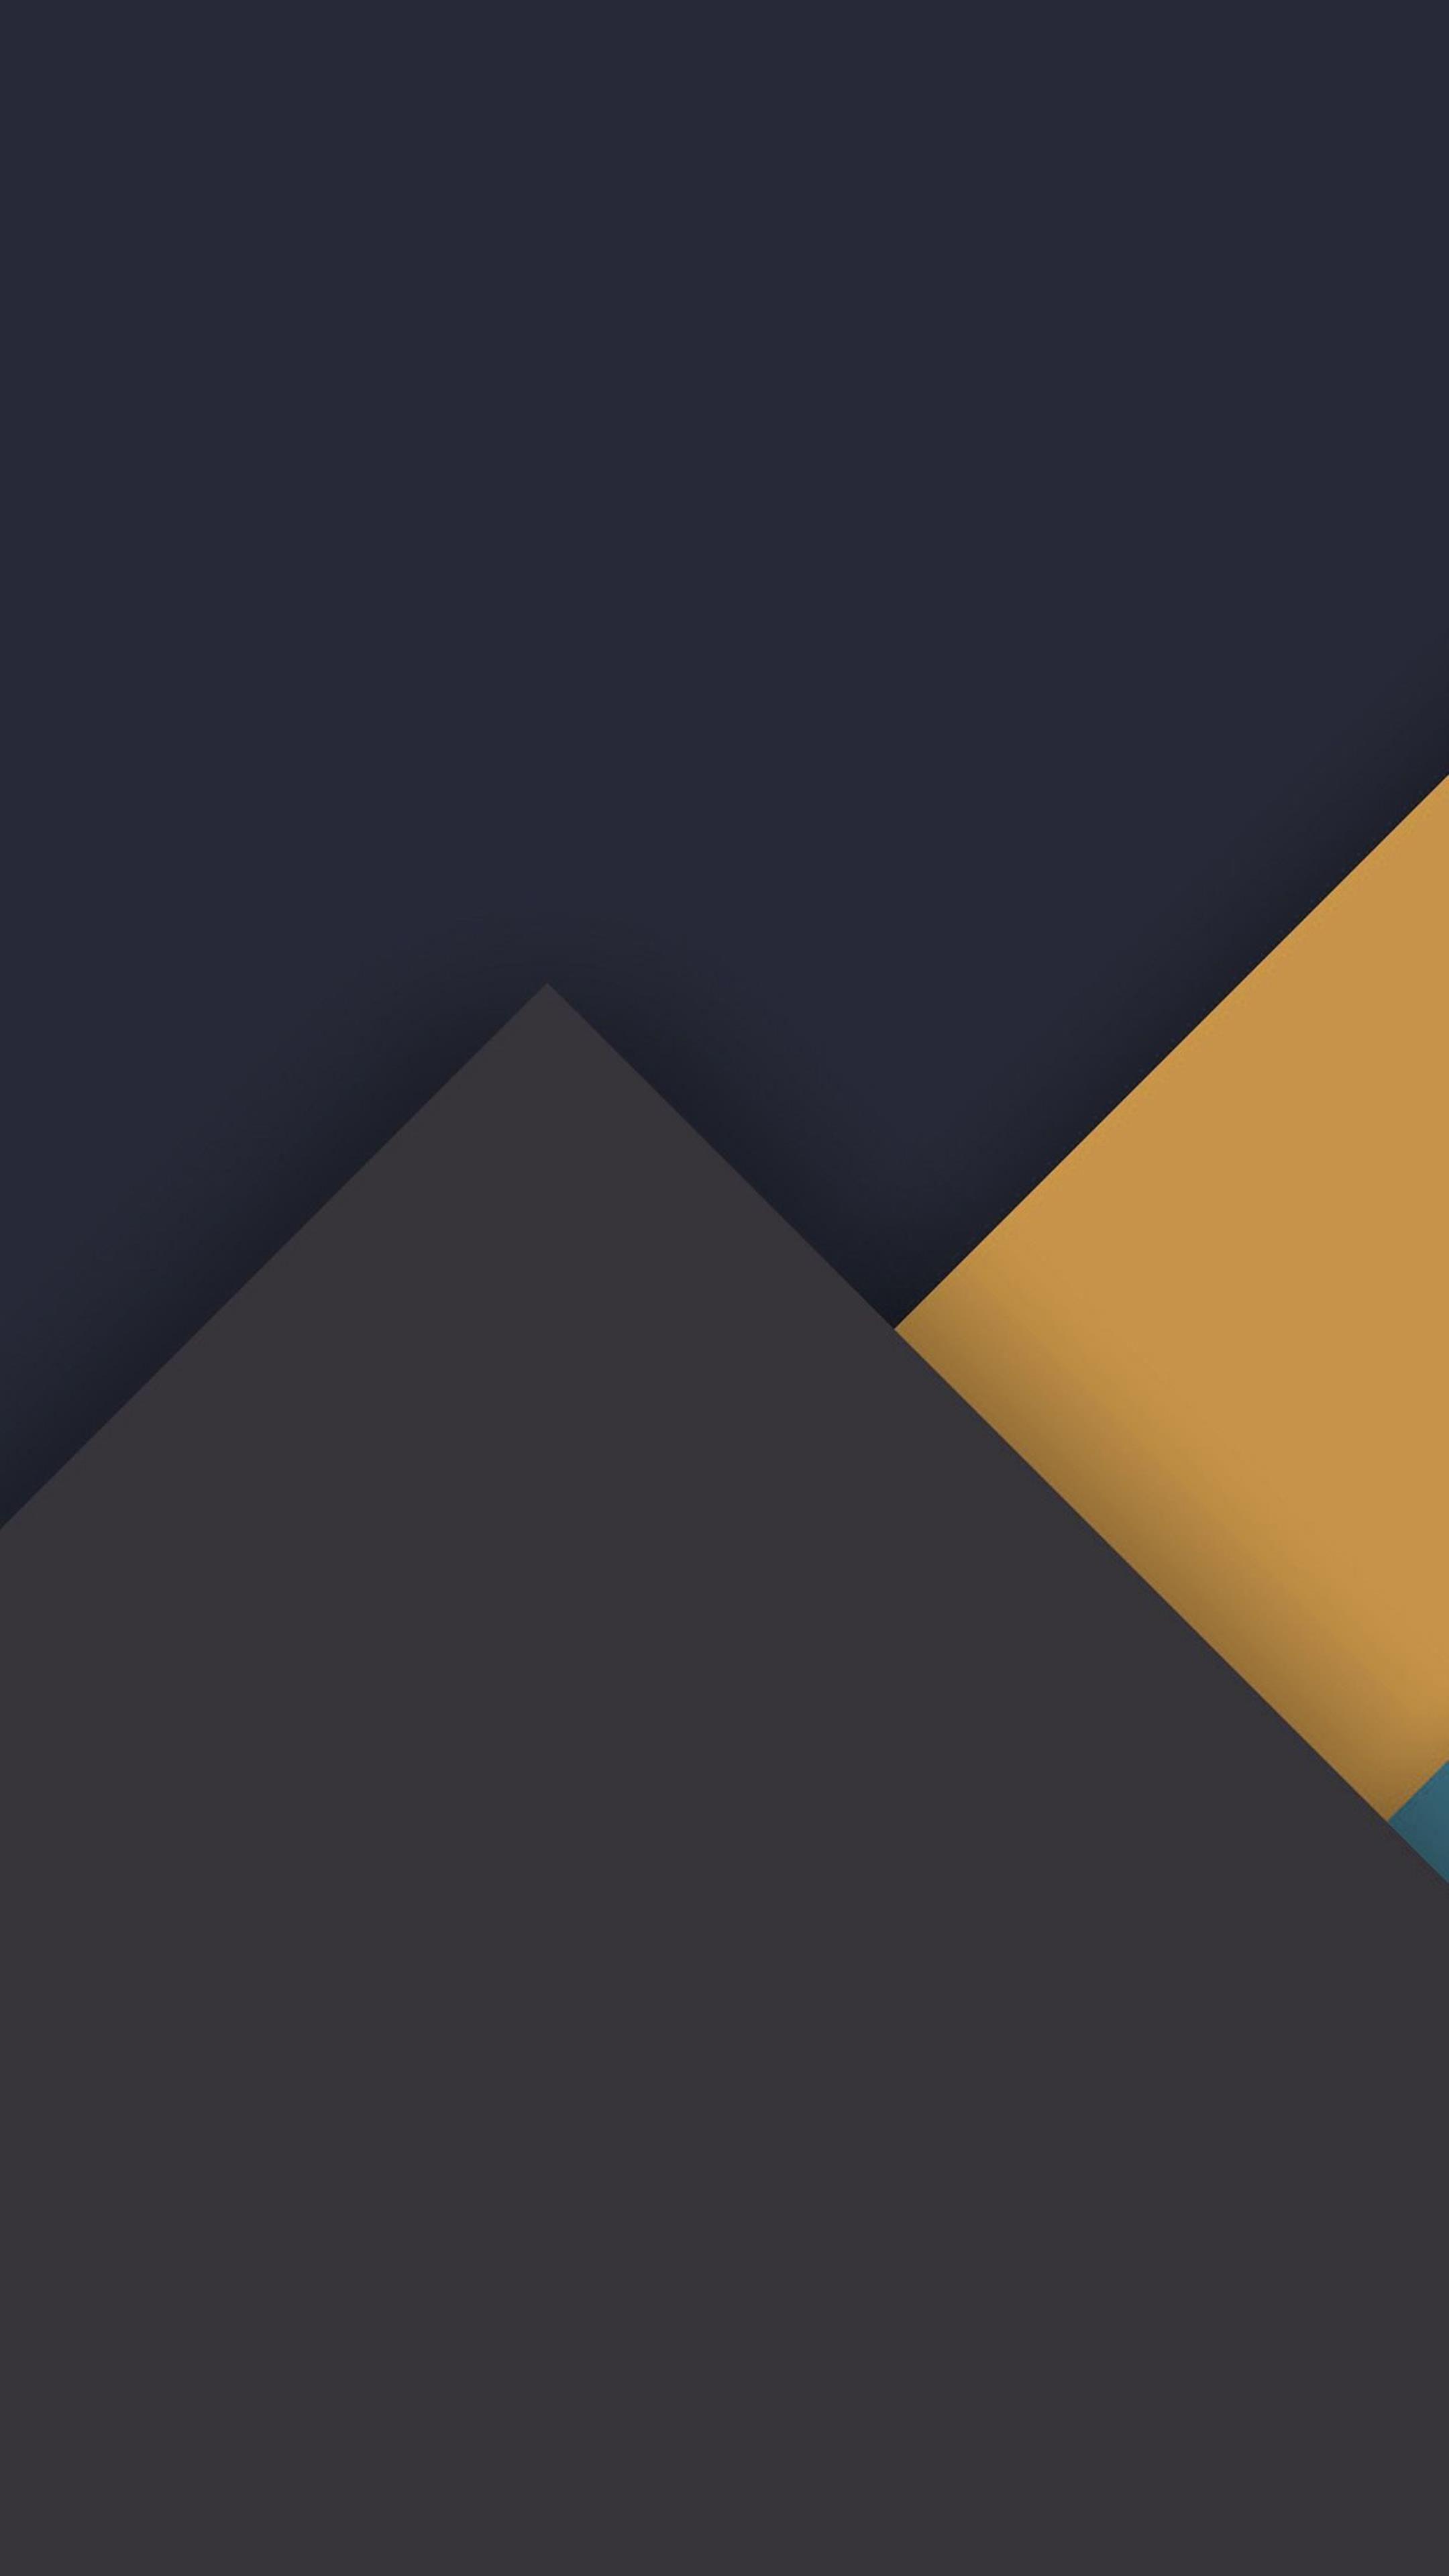 Material Design Wallpaper 7 Dengan Gambar